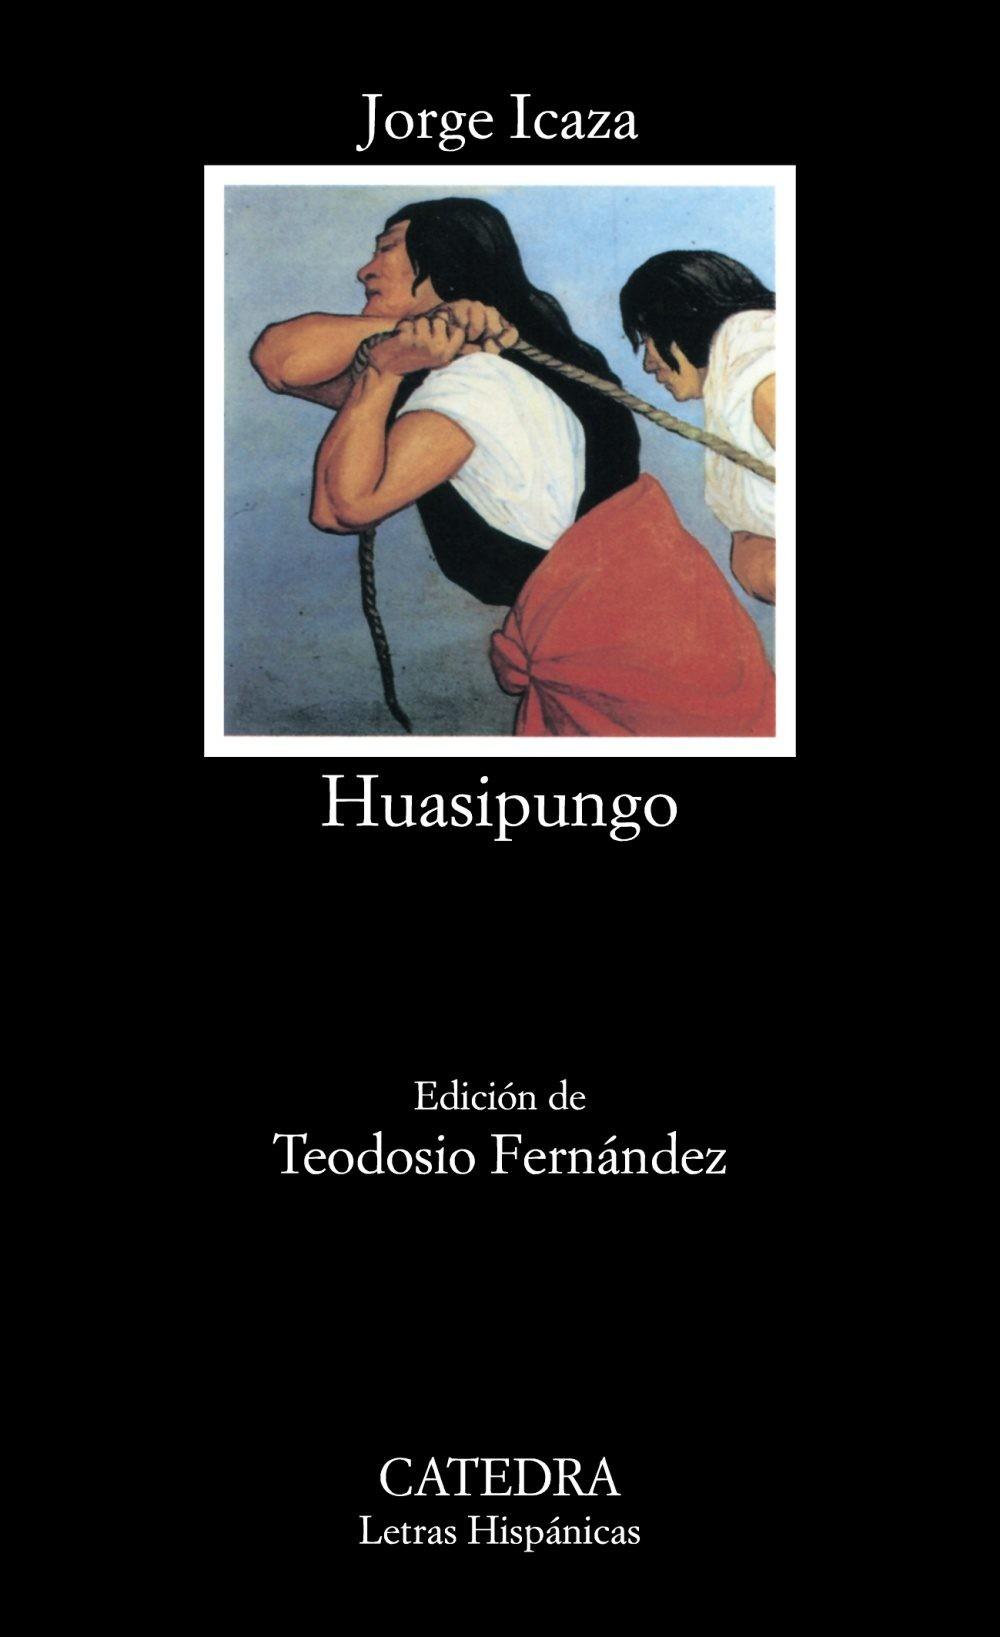 Huasipungo; jorge icaza